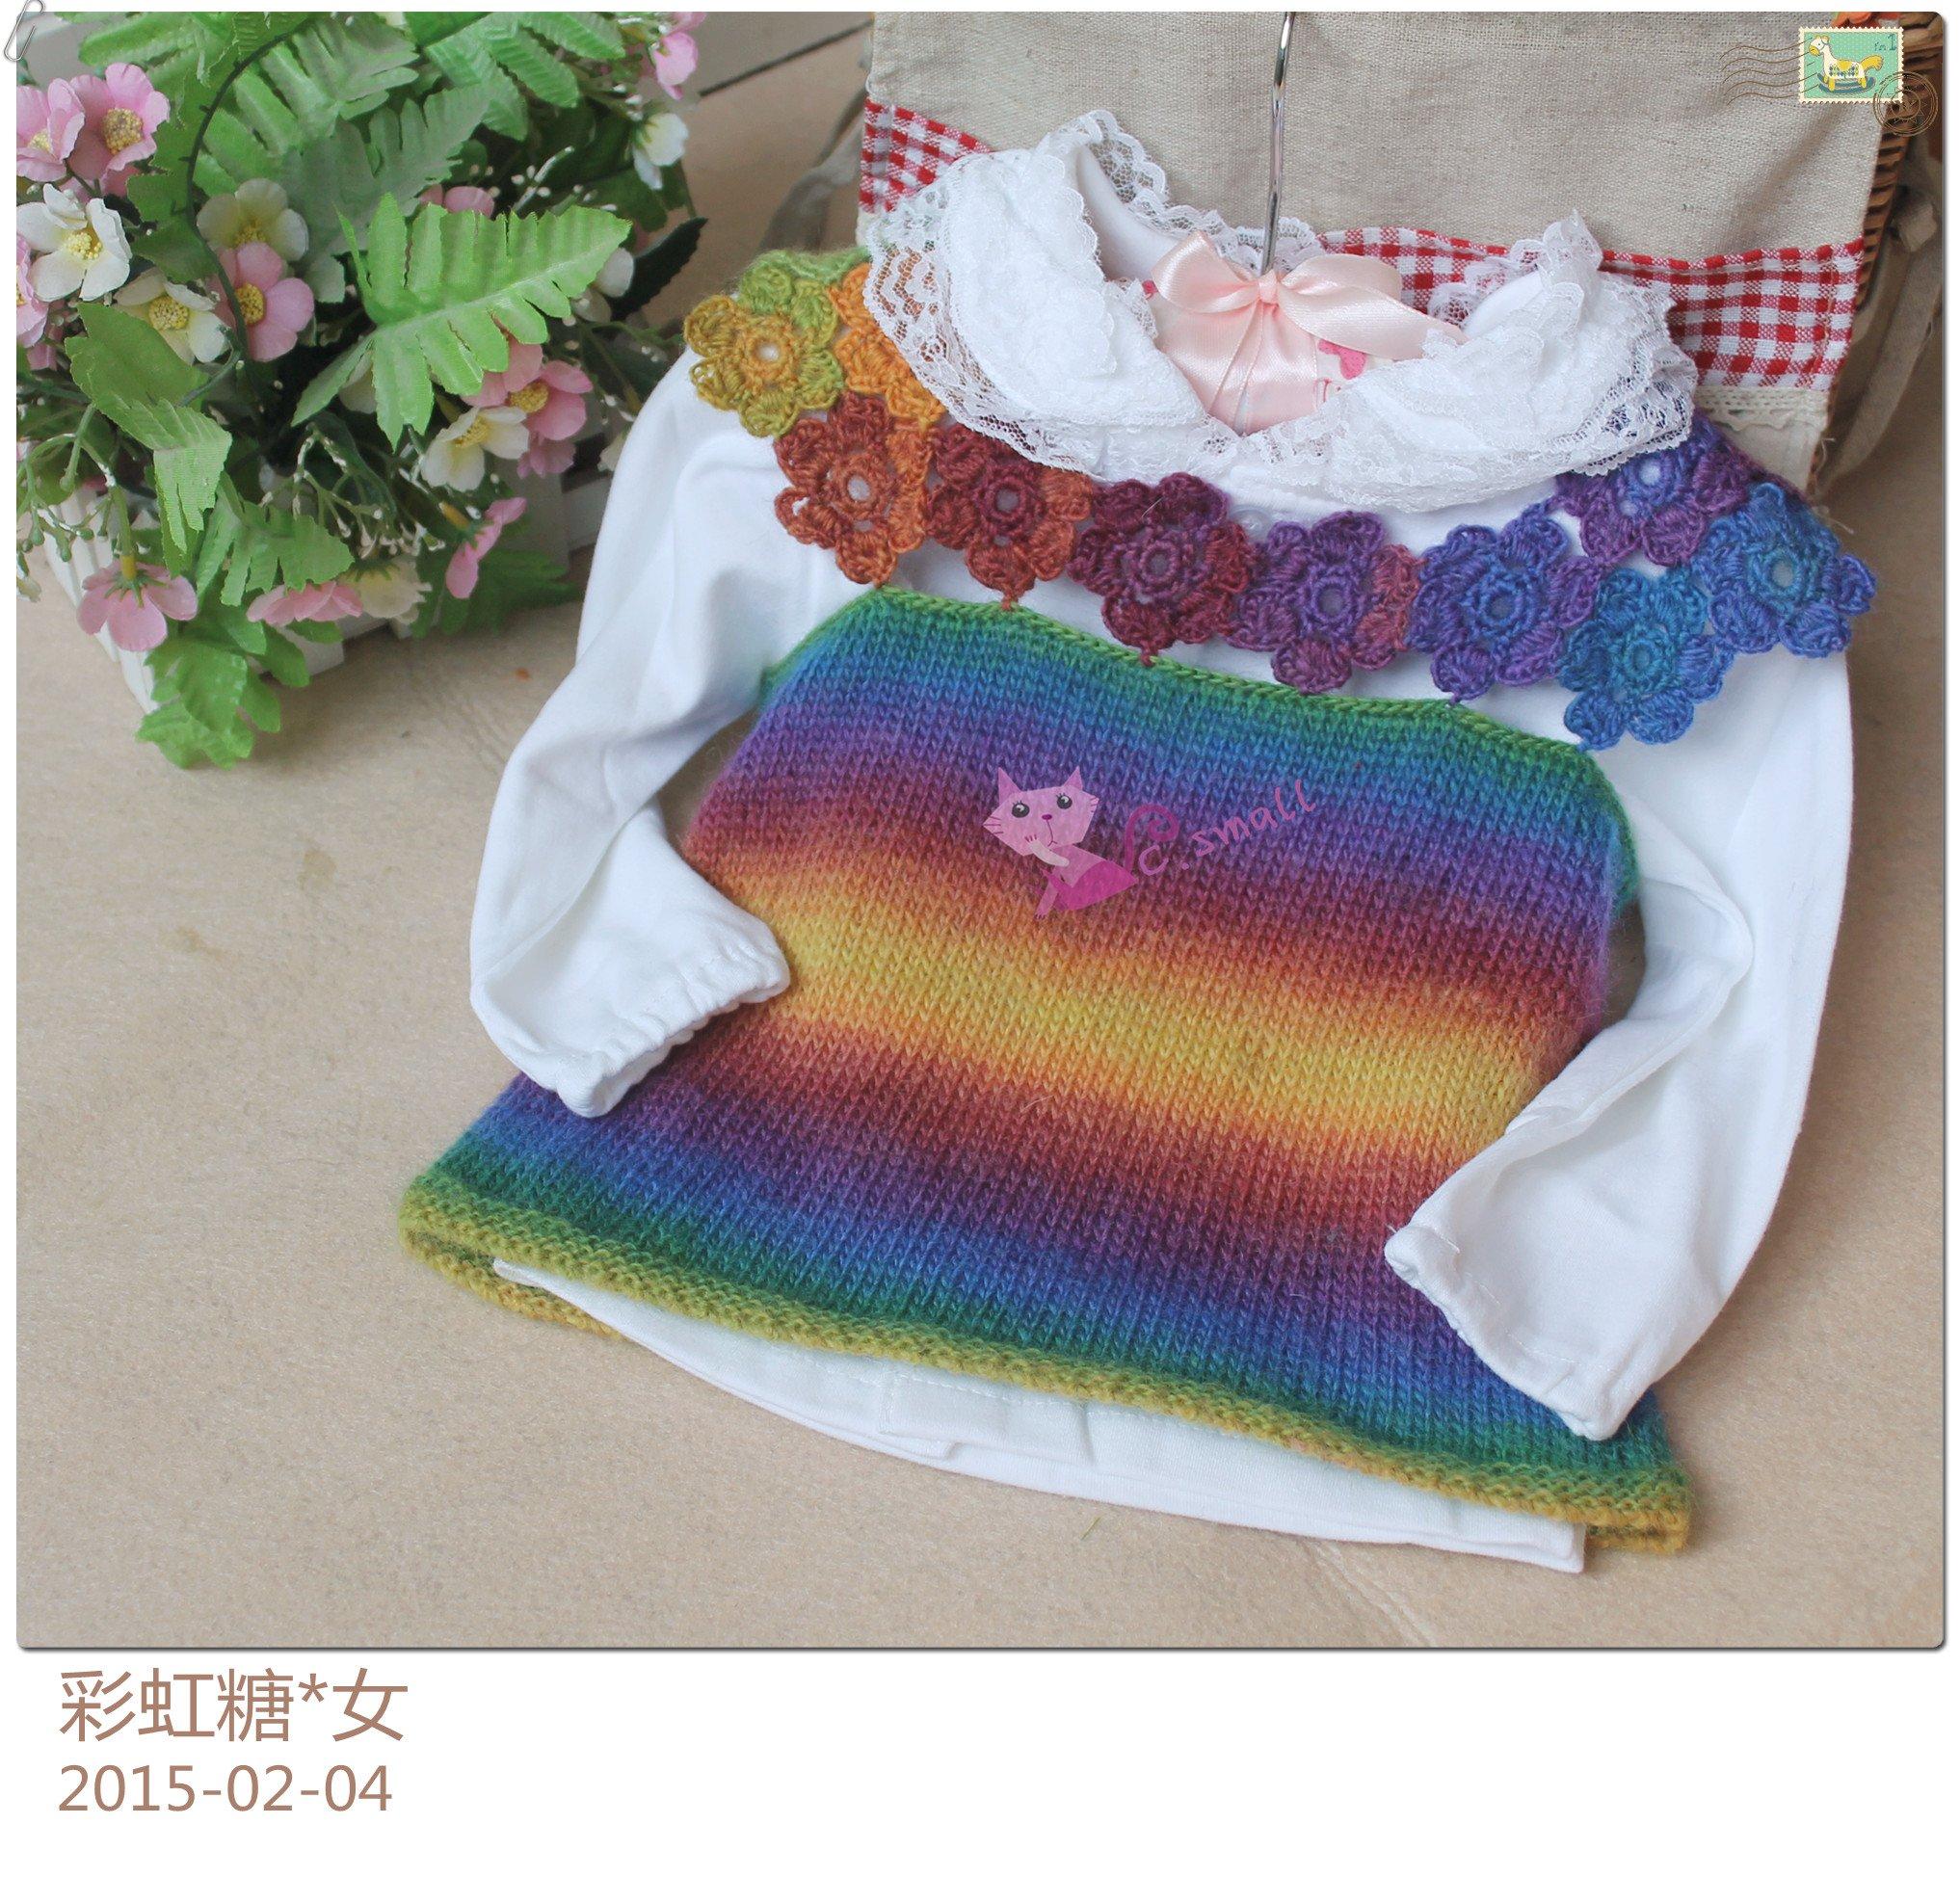 彩虹6.jpg